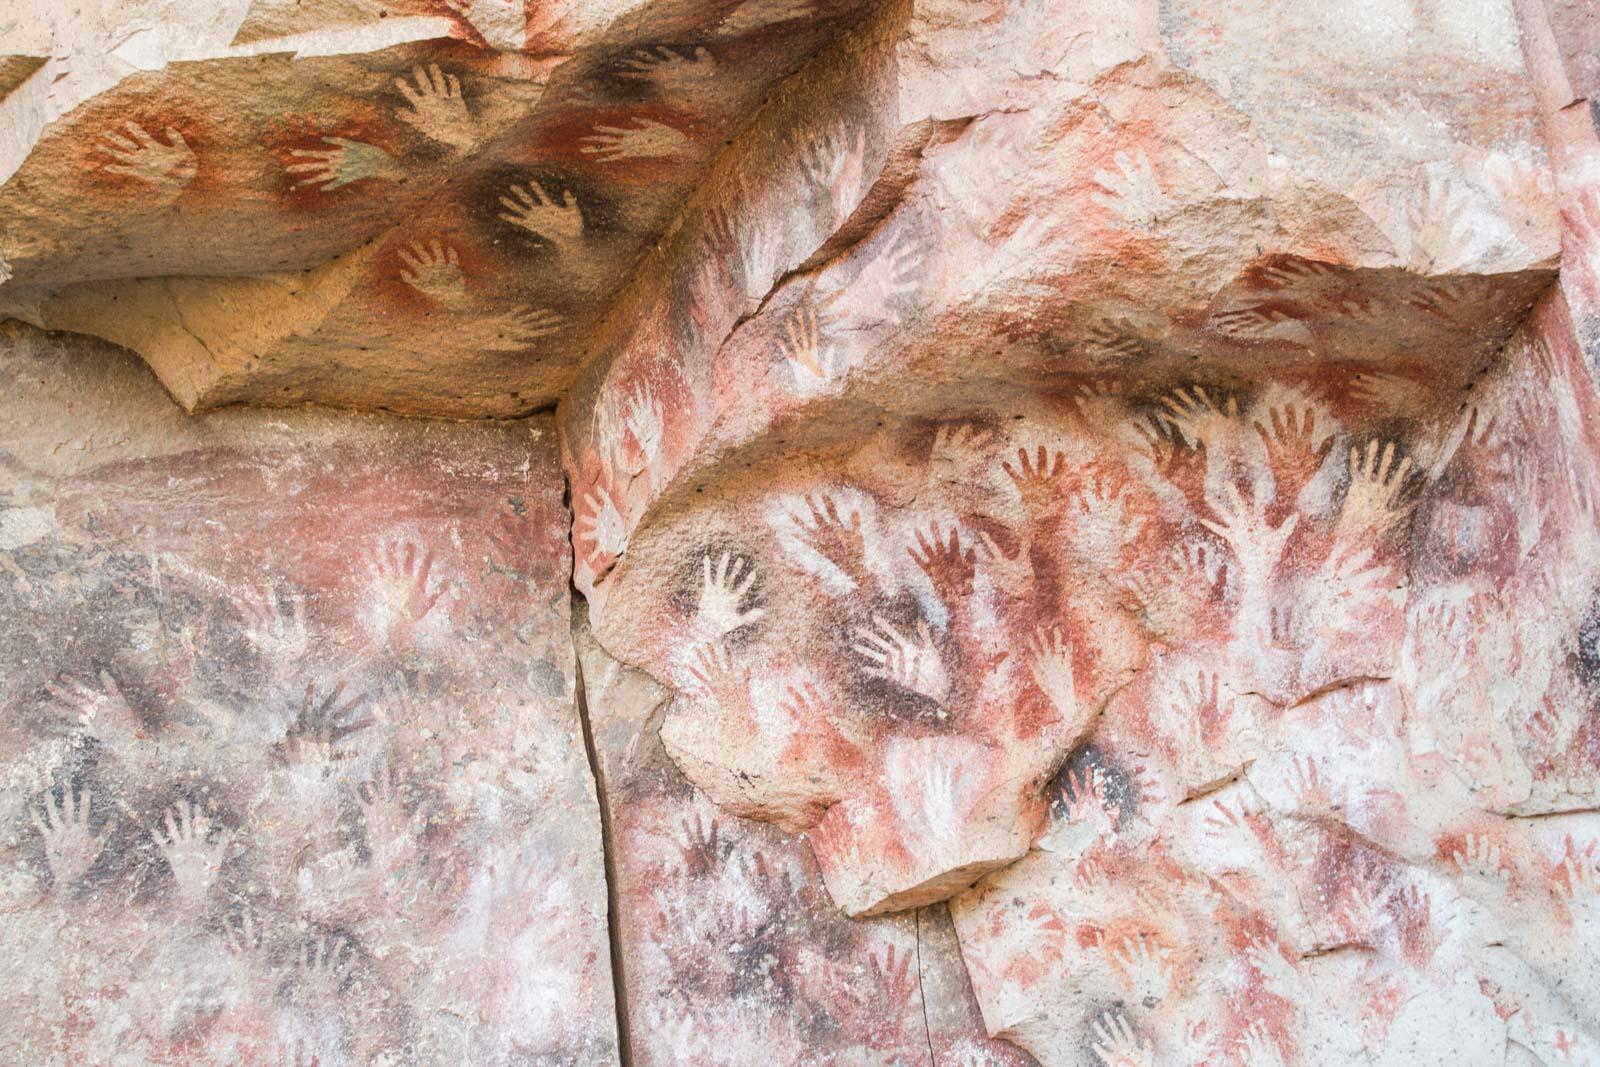 Cave of Hands, Cueva de los Manos, Patagonia, Argentina